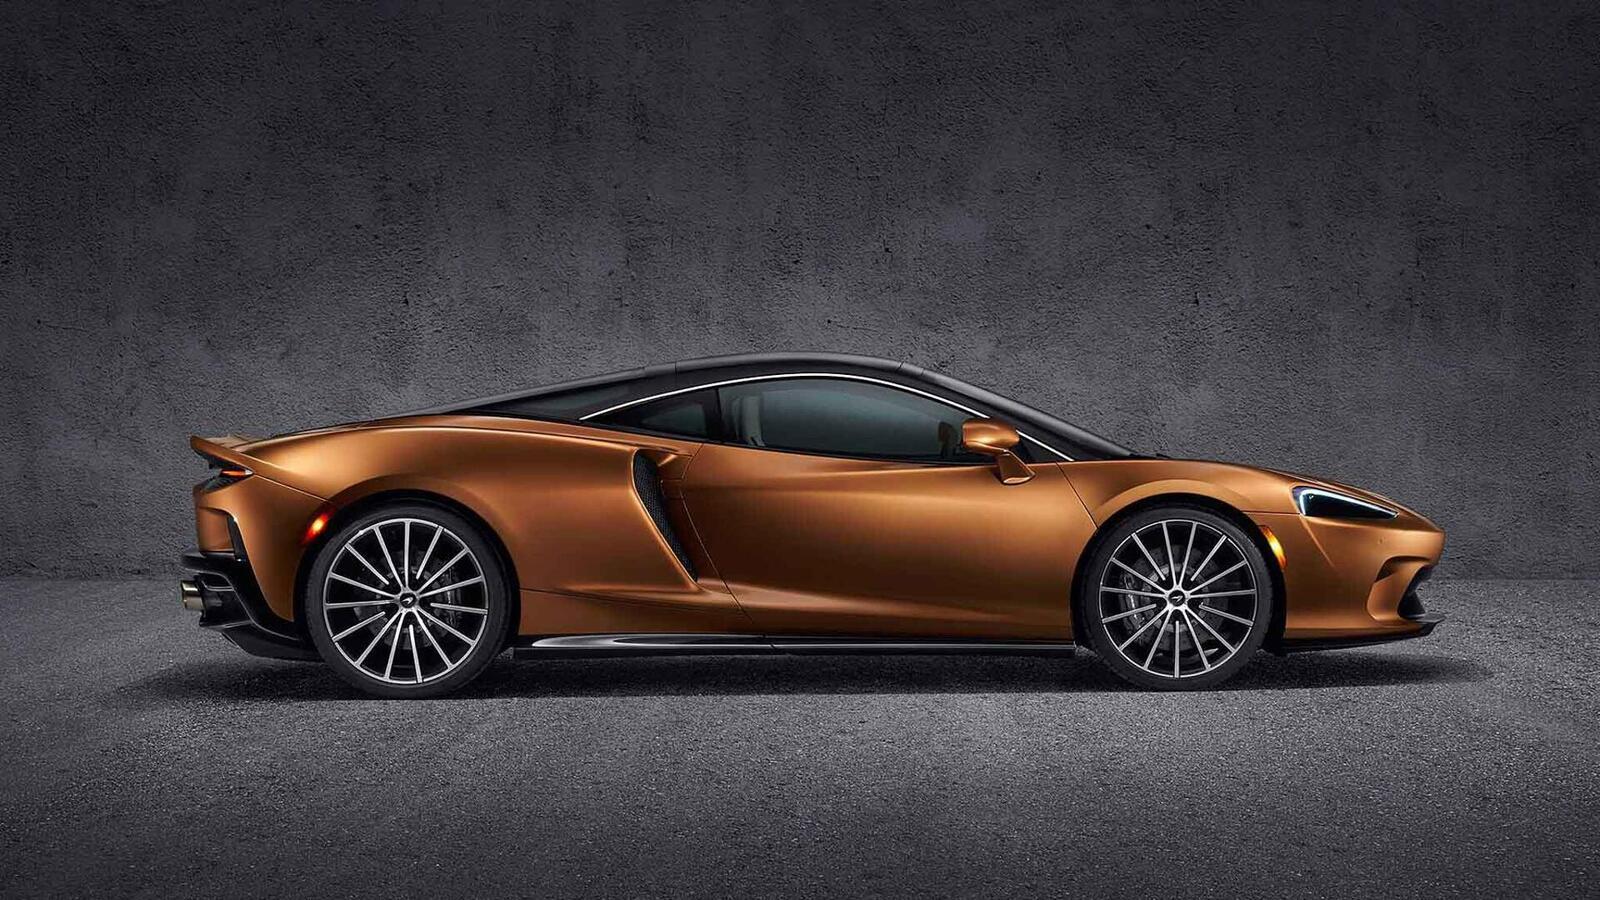 McLaren giới thiệu siêu xe GT 2020 hoàn toàn mới: Động cơ mạnh mẽ và cabin thoải mái - Hình 16